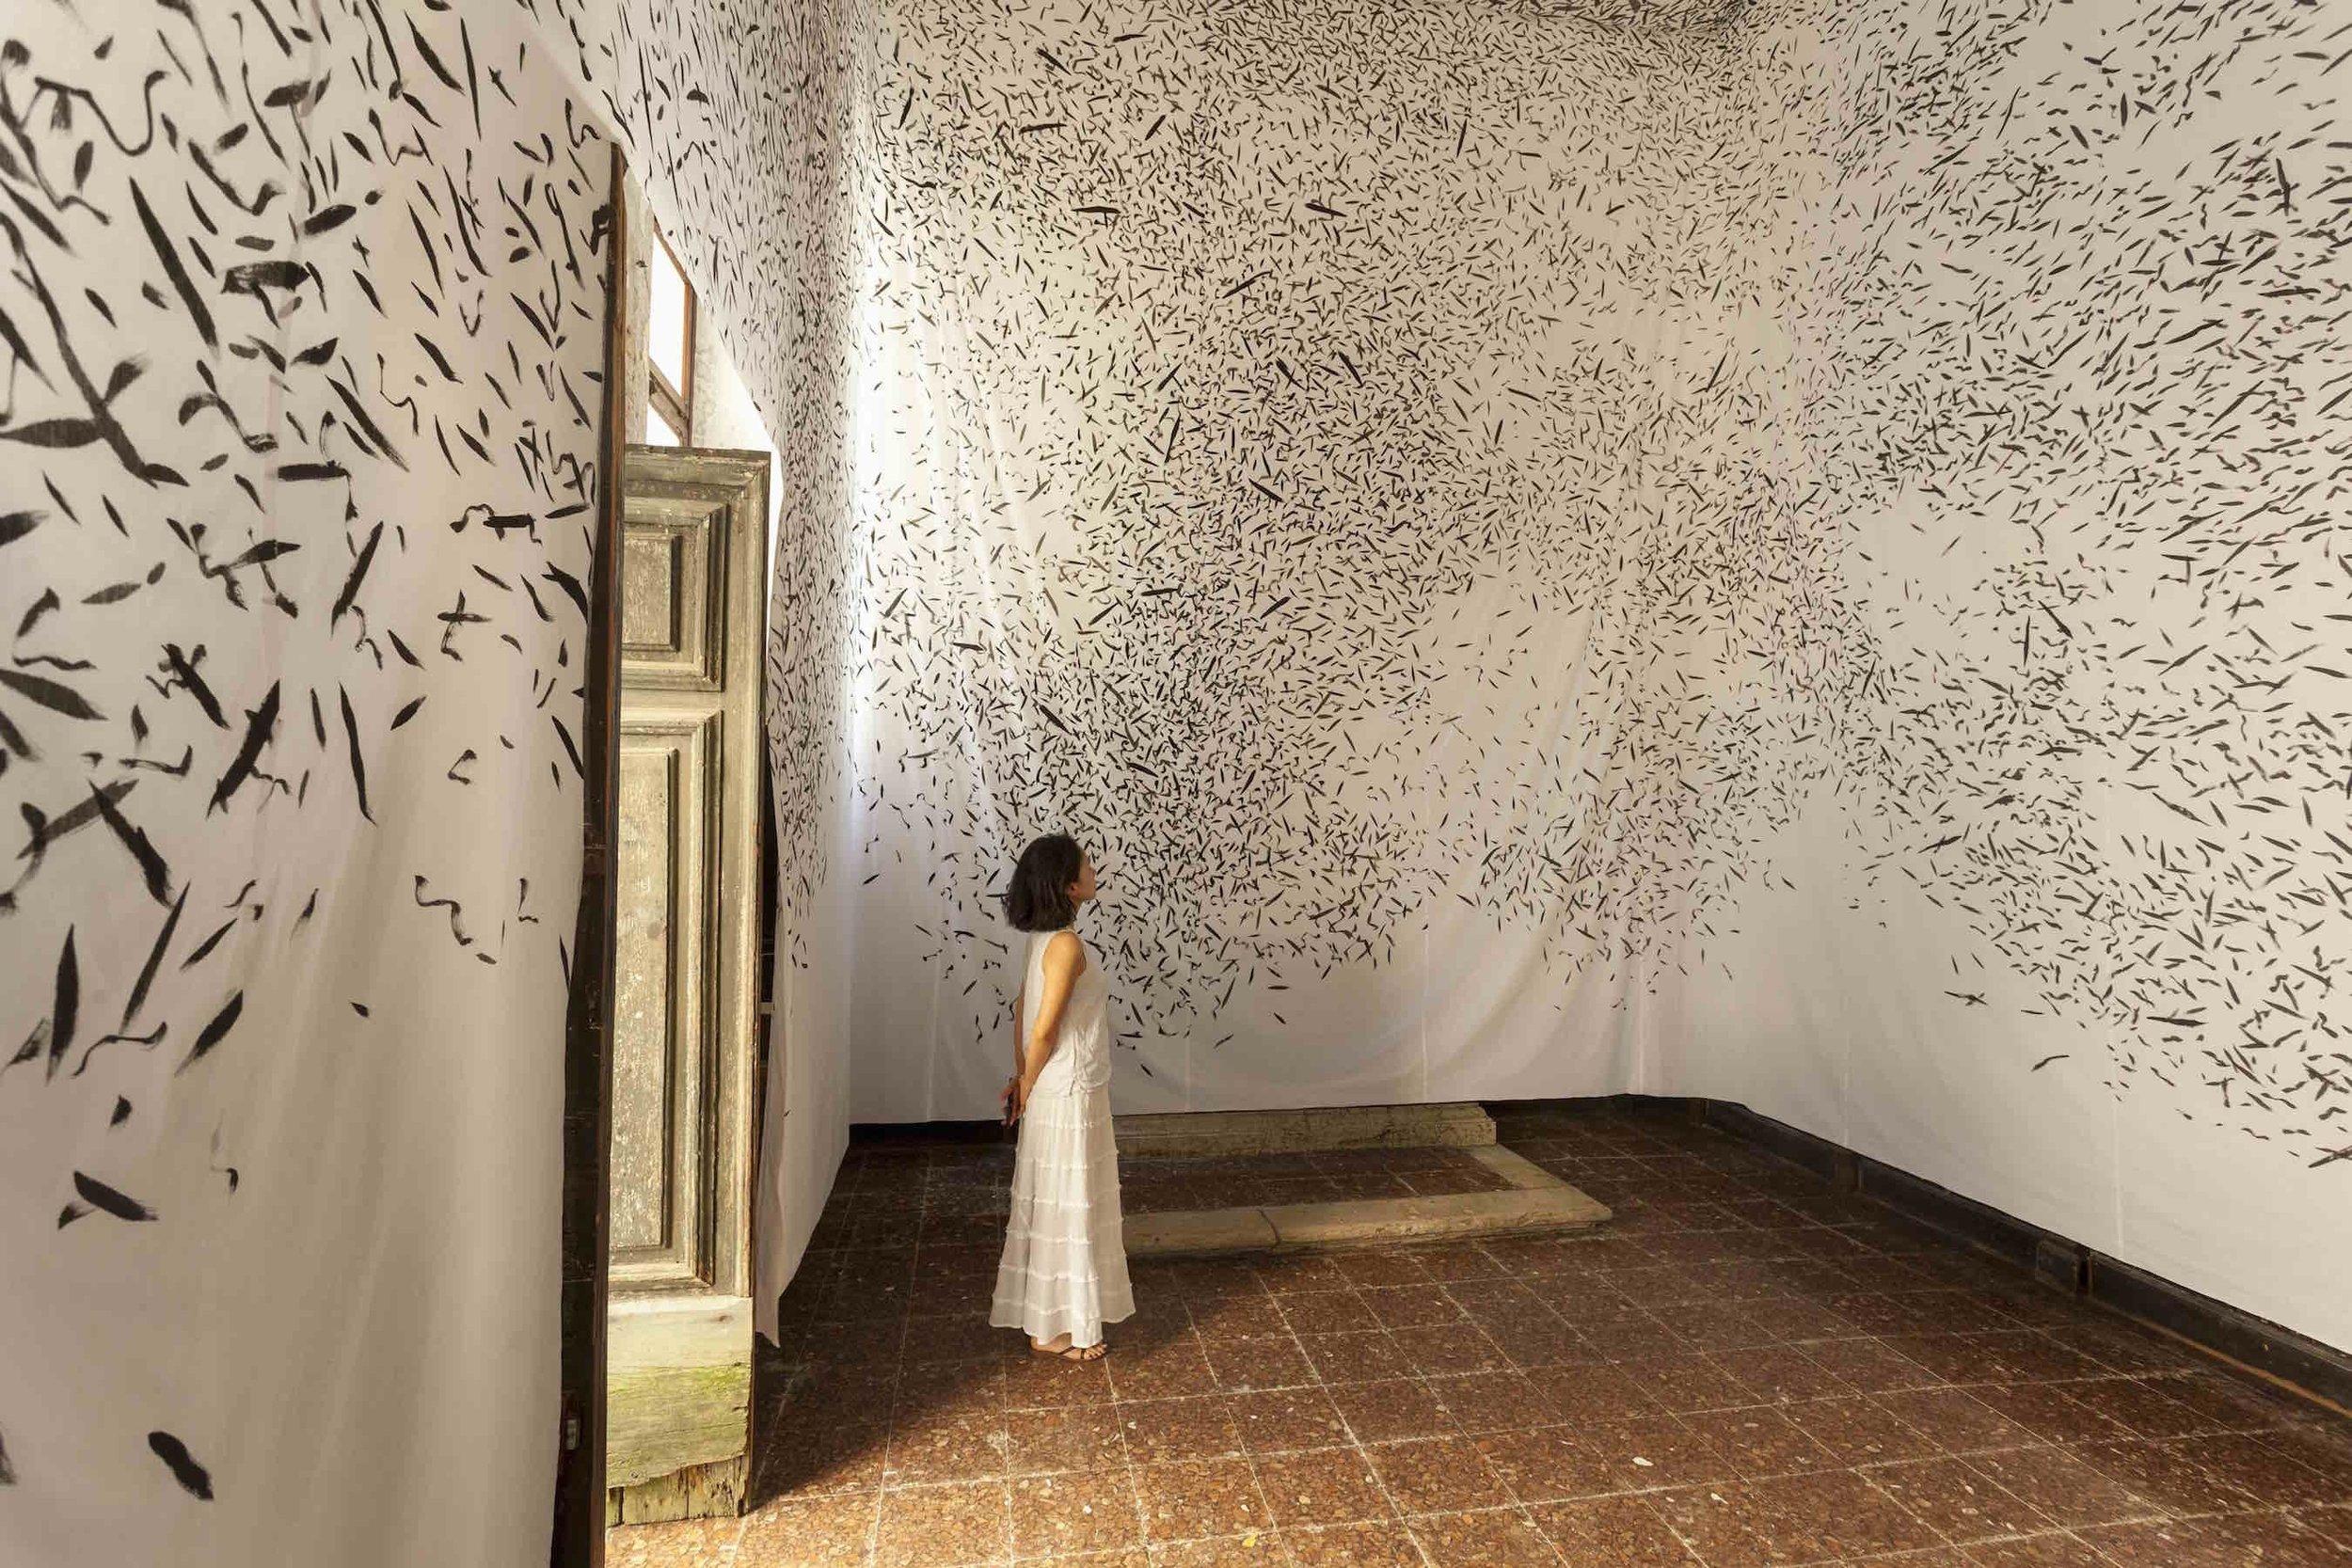 Jinny Yu, Don't They Ever Stop Migrating?, 2015, installation view, Oratorio di San Ludovico, Nuova Icona, Venice, Italy. Photo: Francesco Allegretto